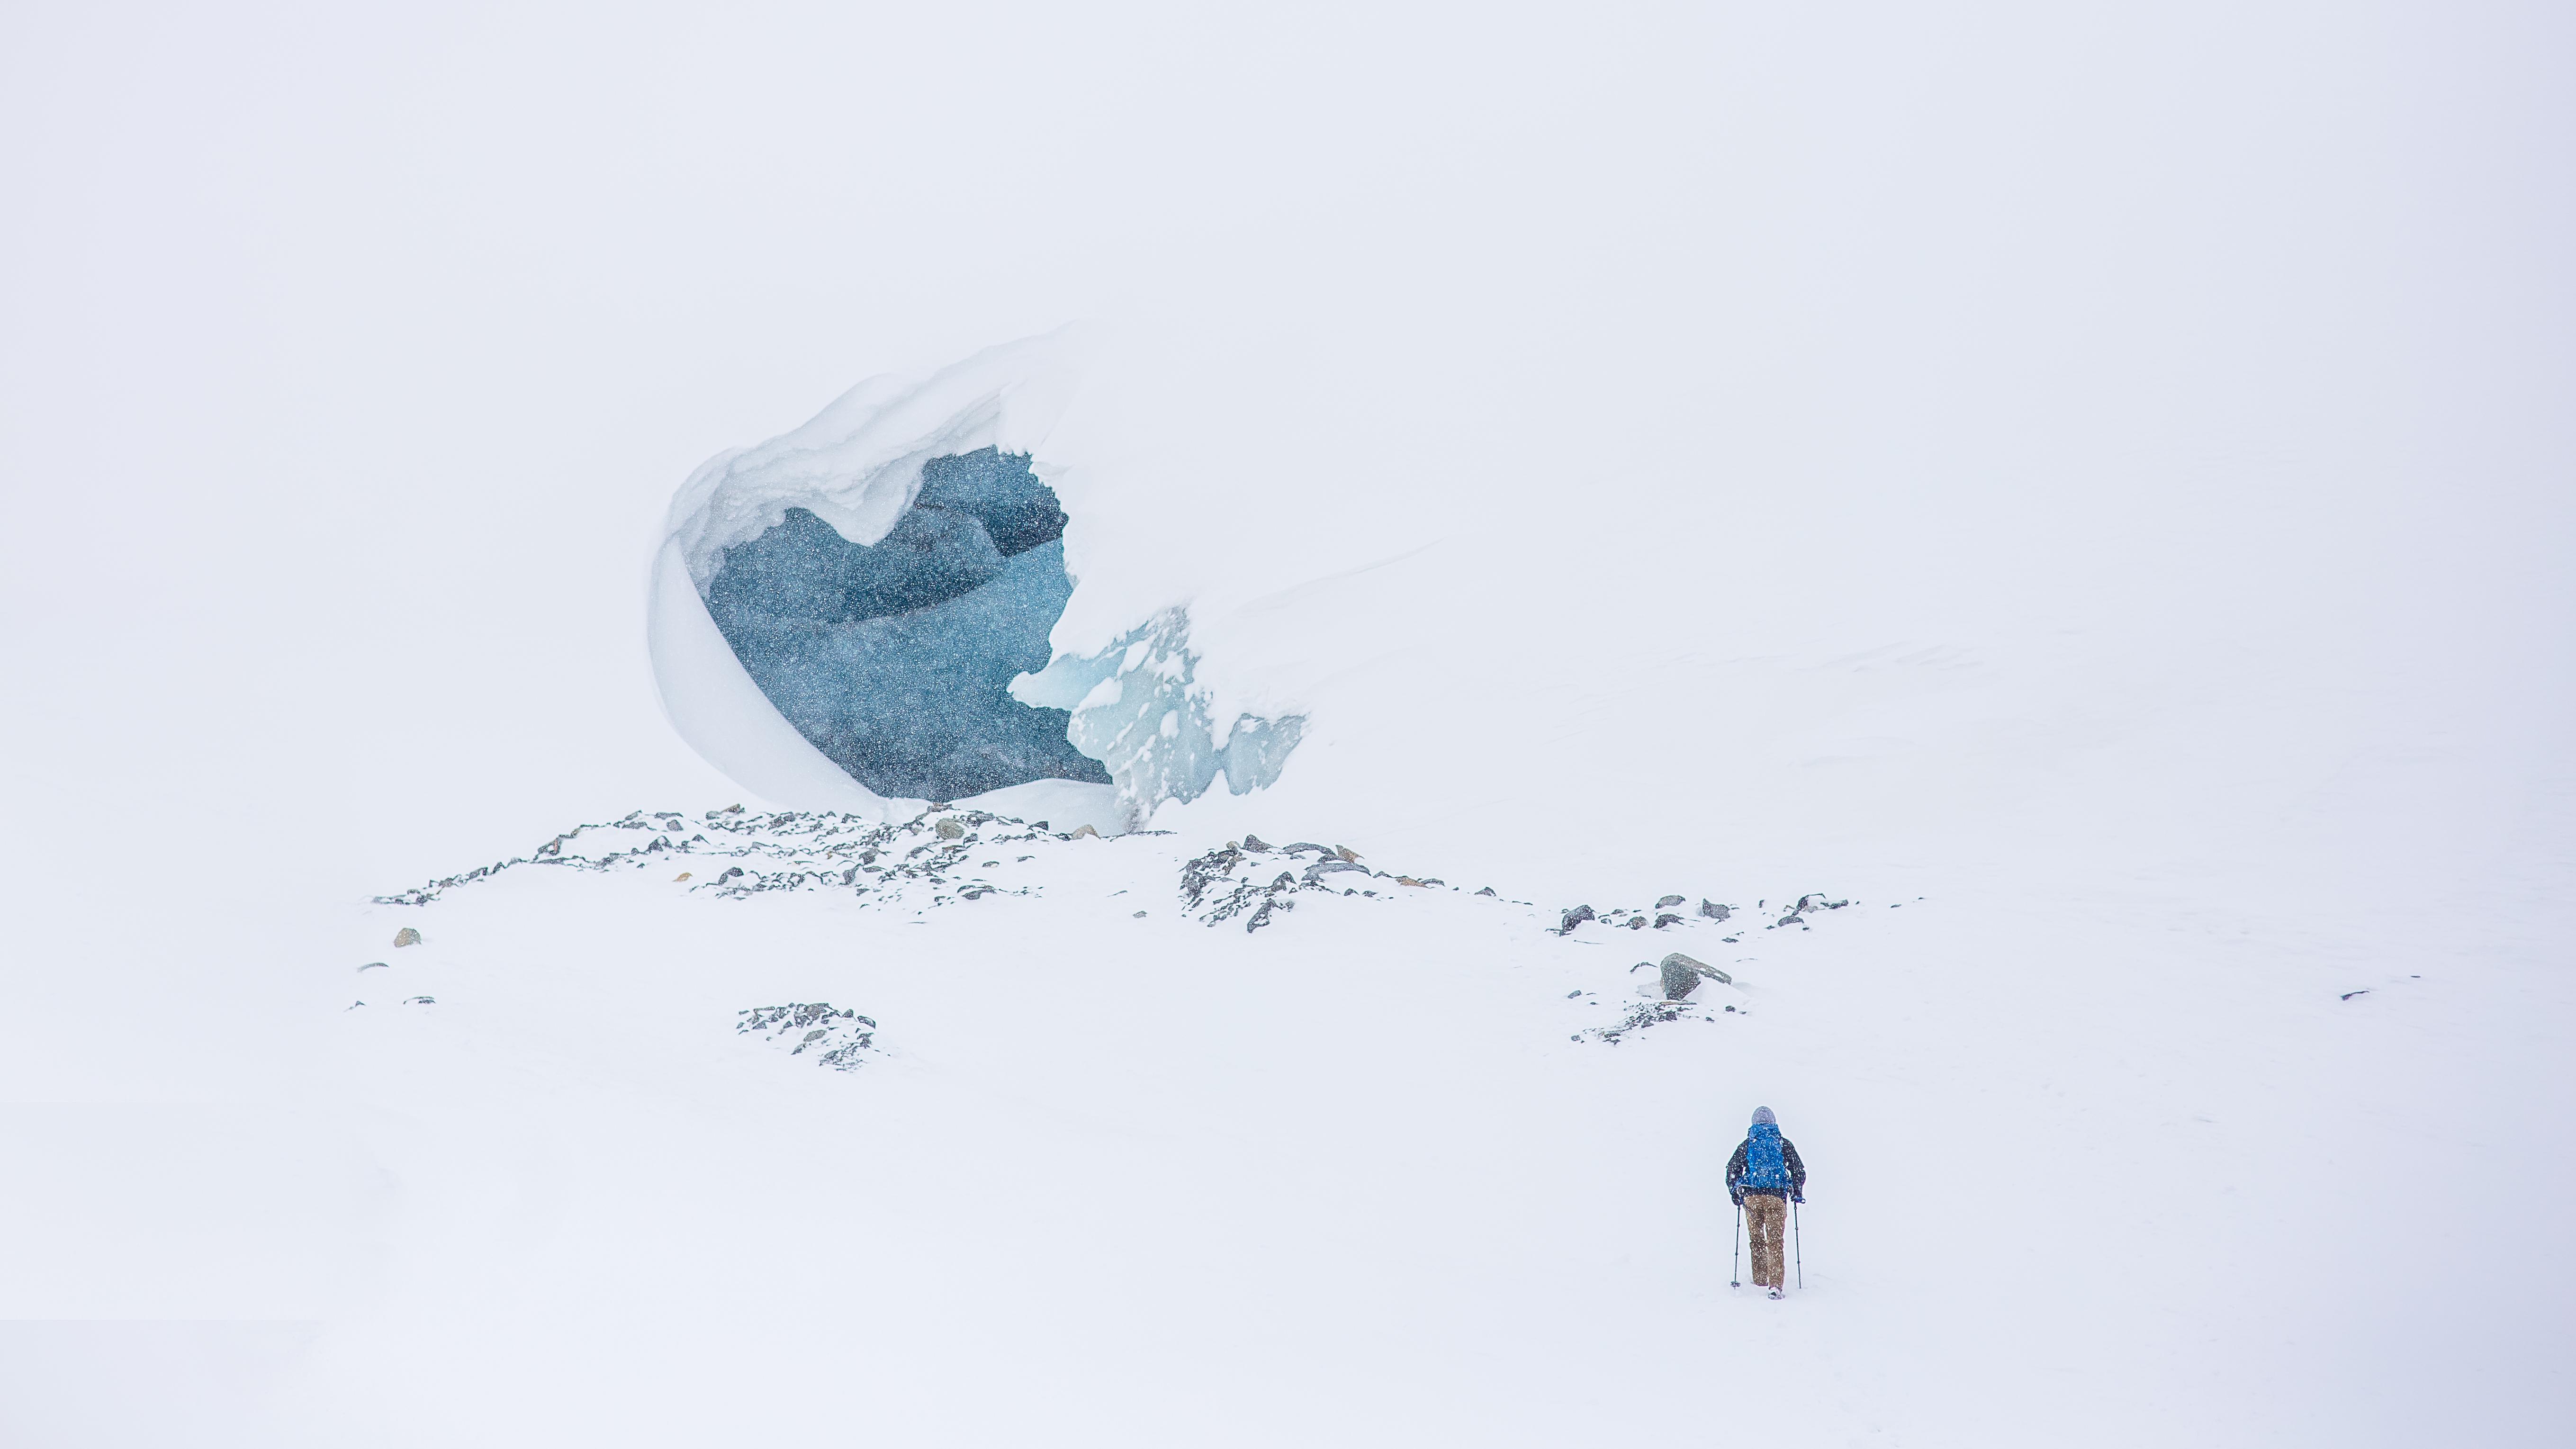 Kostenlose foto : Berg, Schnee, kalt, Winter, Abenteuer, Eis, Wetter ...